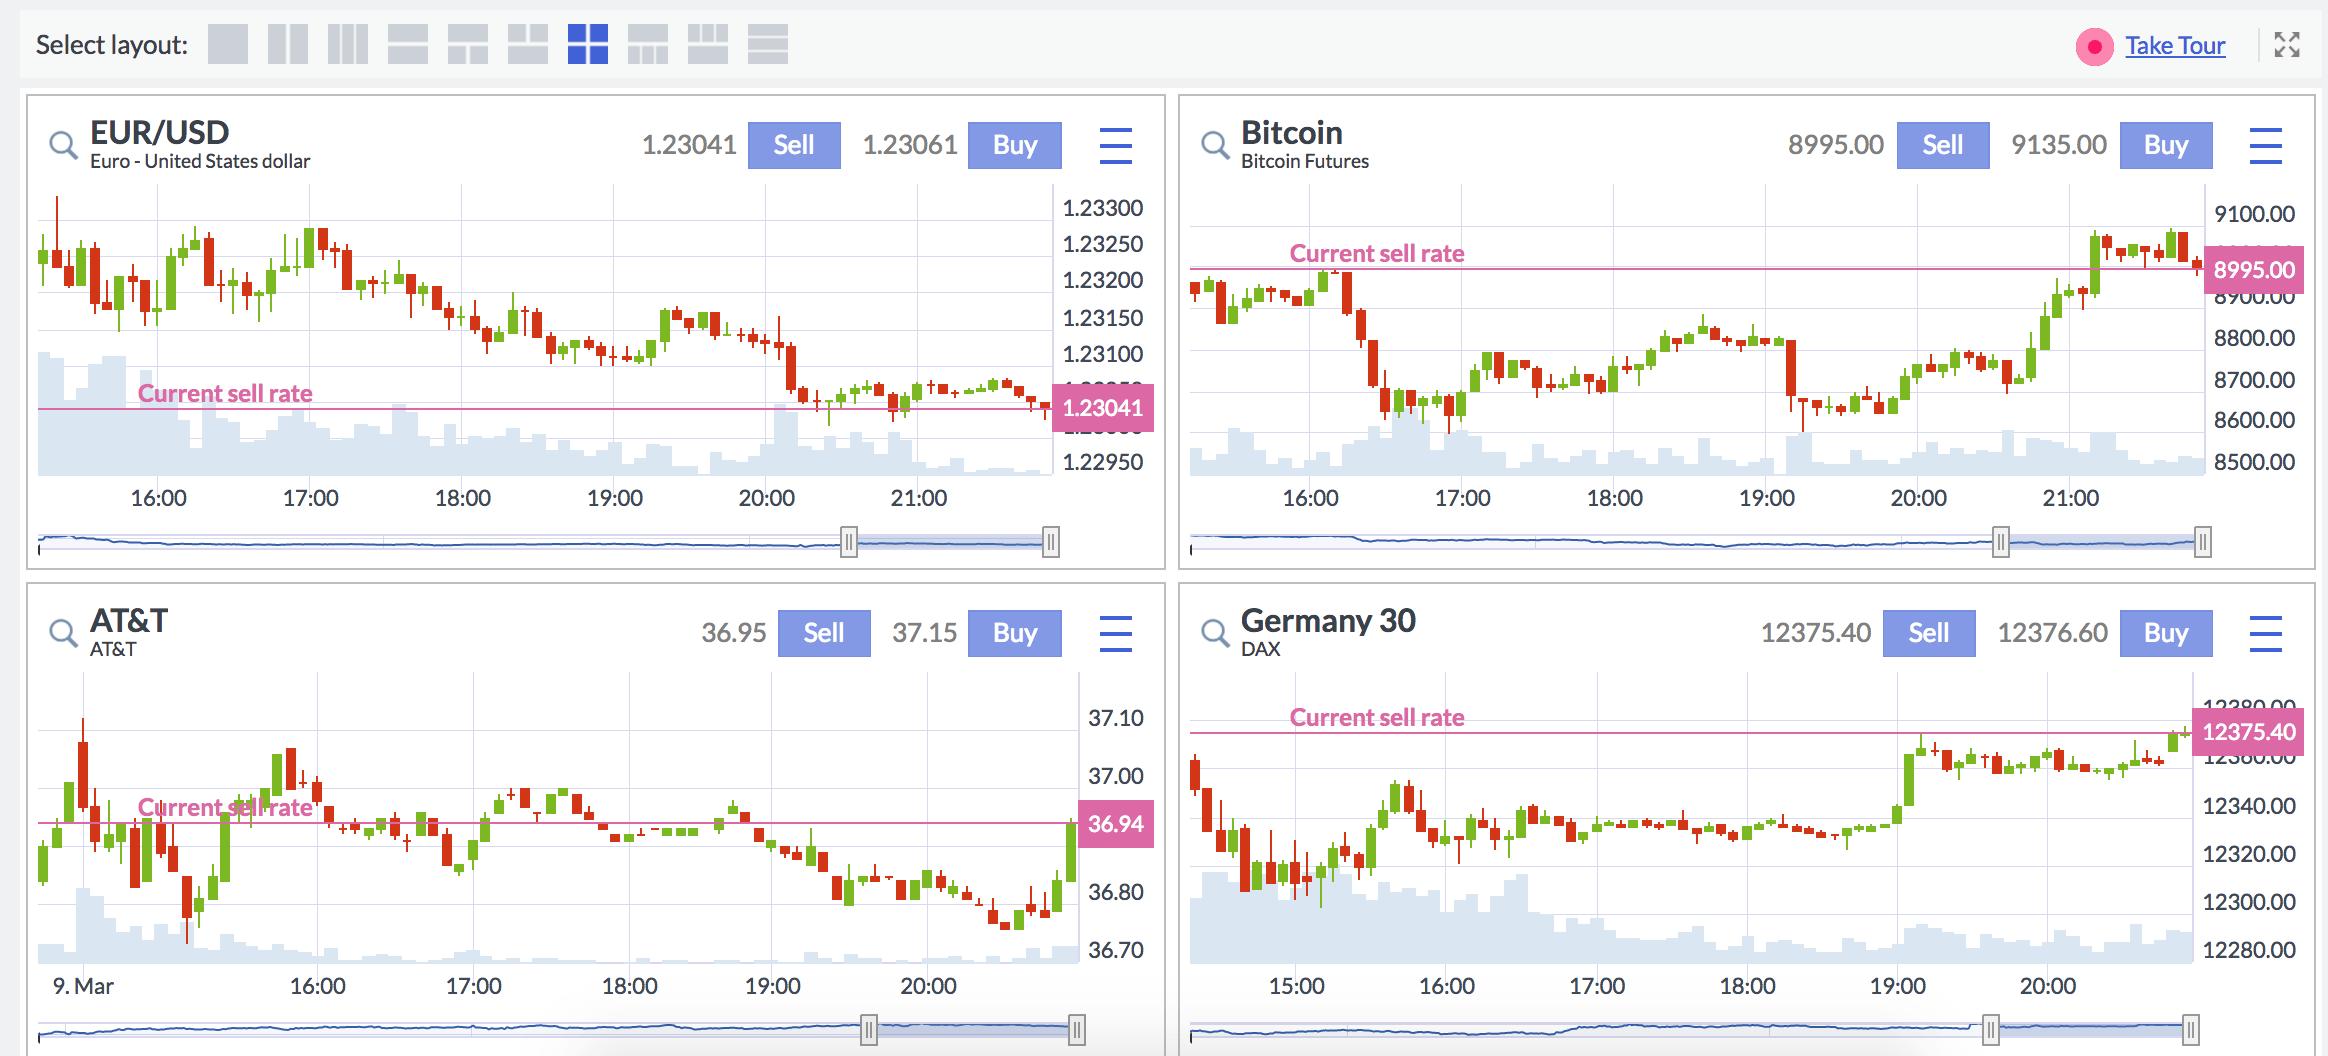 markets-com-trading-software